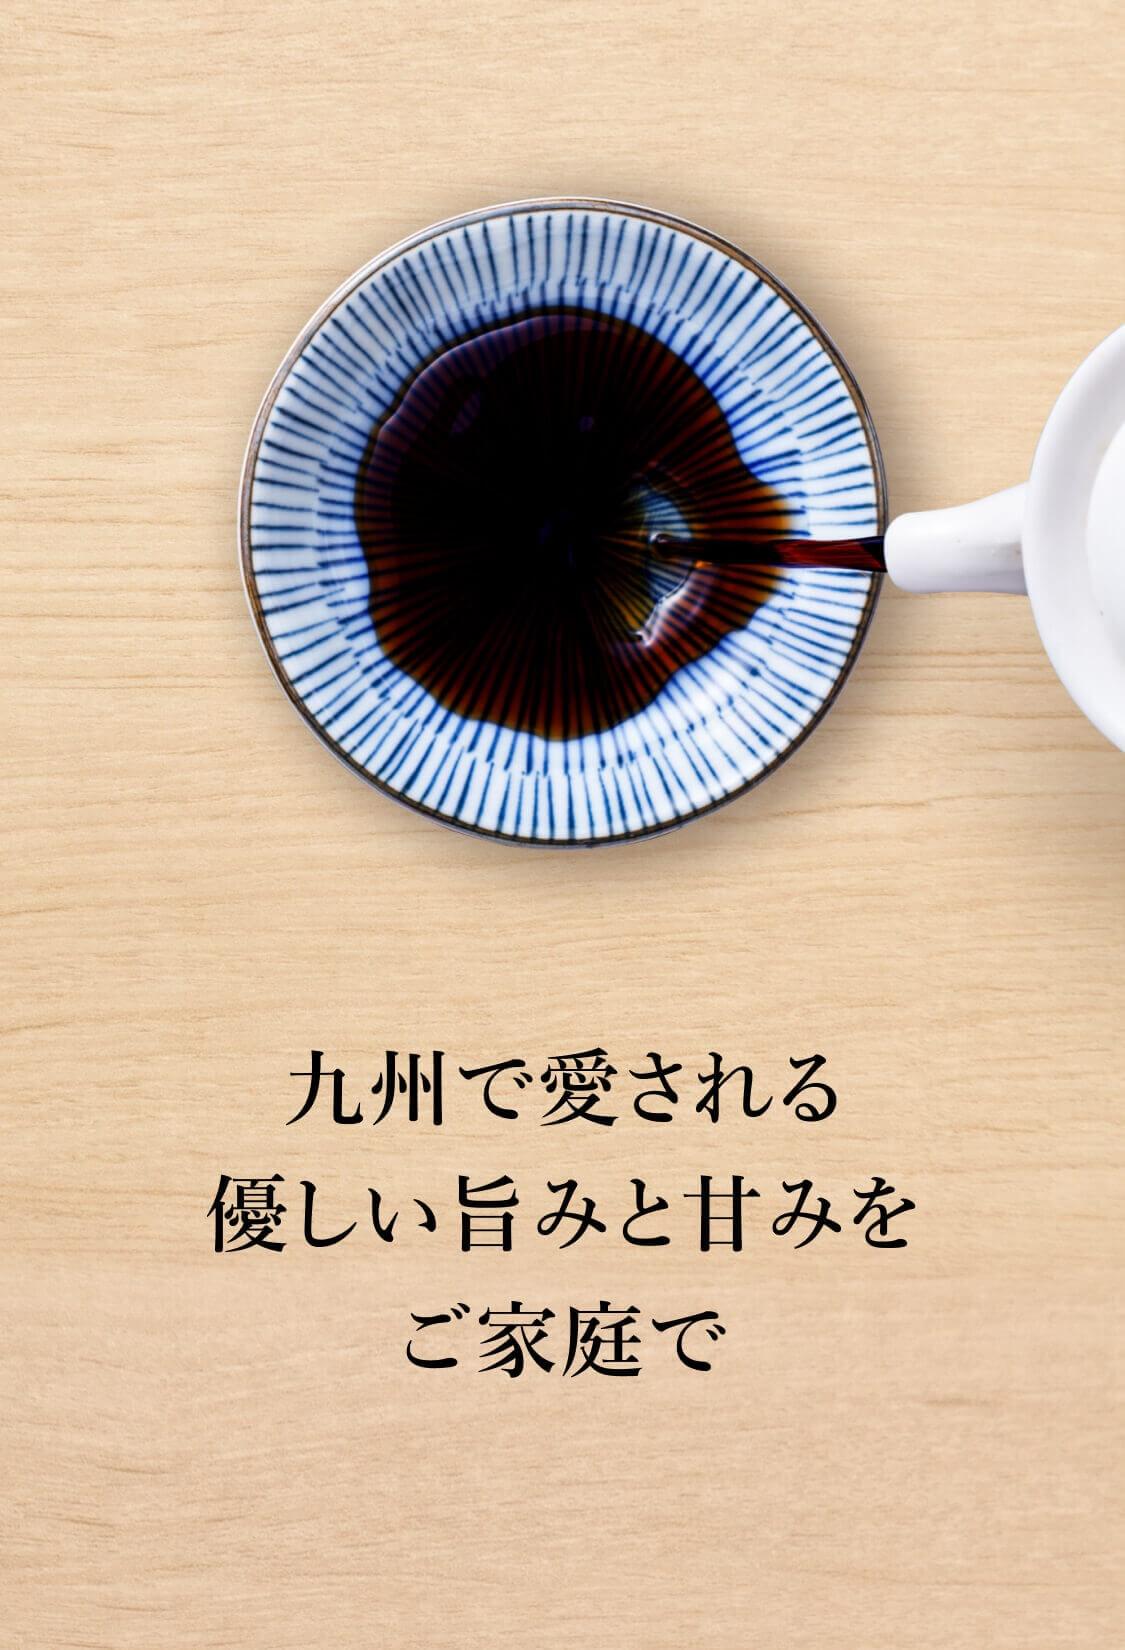 九州で愛される優しい旨みと甘みをご家庭で